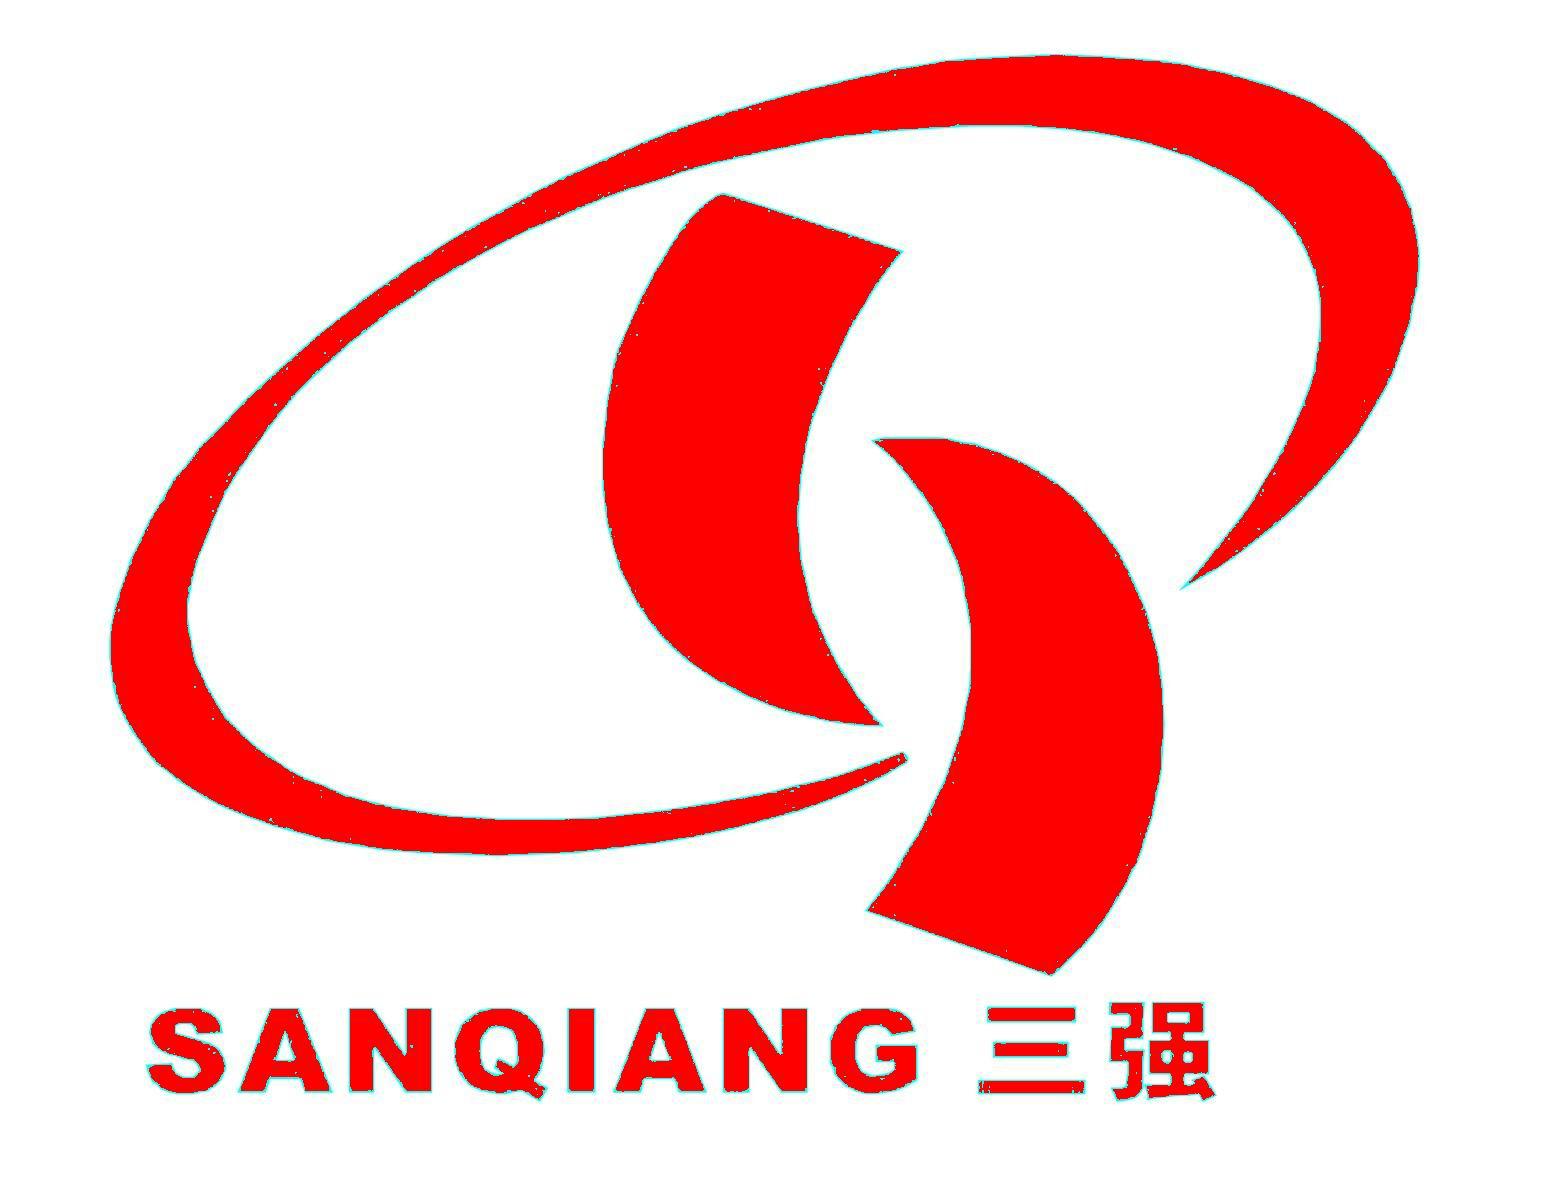 logo logo 标志 设计 矢量 矢量图 素材 图标 1547_1197